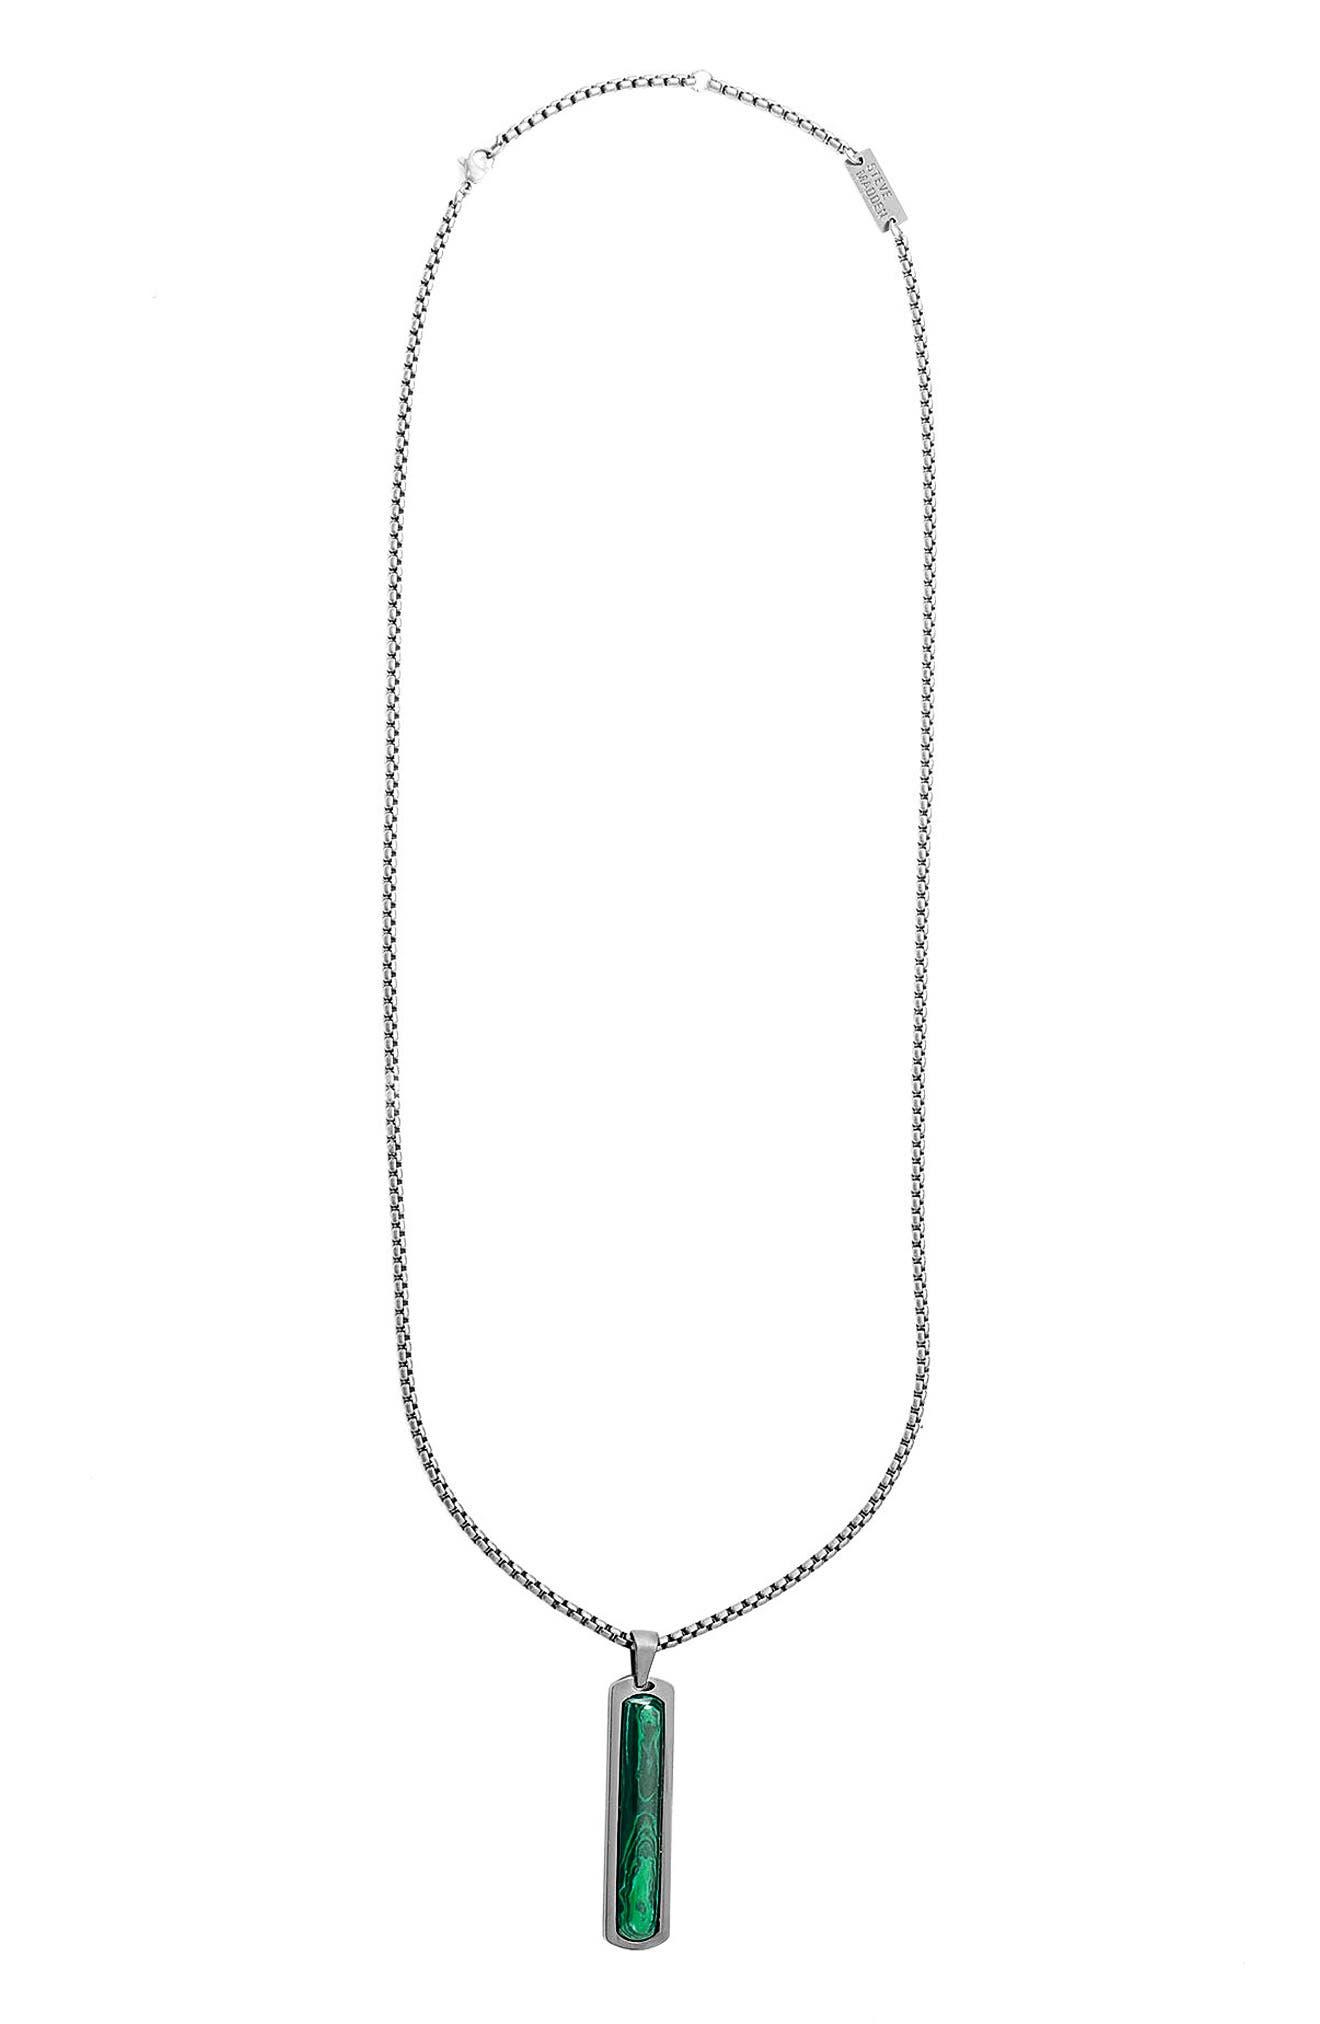 Oxidized Malachite Pendant Necklace,                             Main thumbnail 1, color,                             300